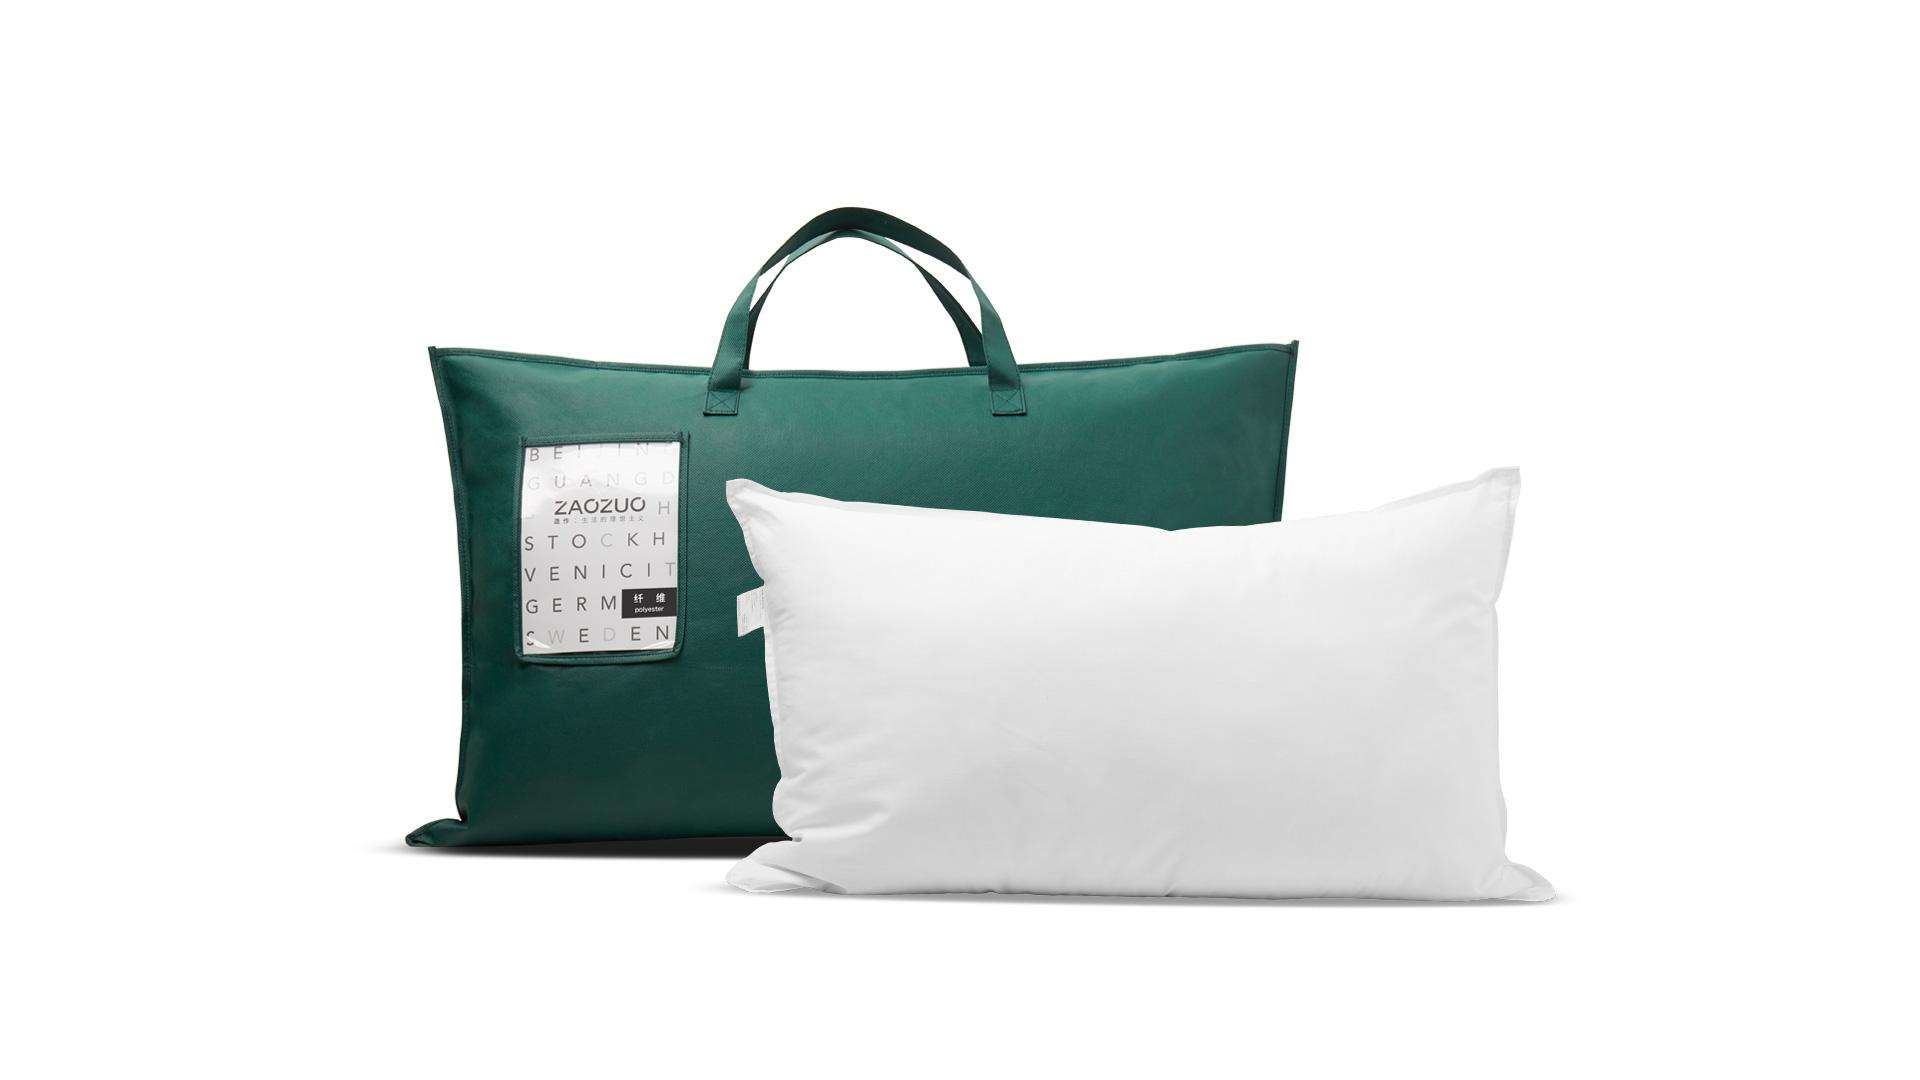 每一个出厂枕芯都细致卷包放在PVC袋中压缩抽真空封存,外包装采用120g墨绿色无纺布圆筒袋及产品信息卡,从开箱一刻就为你带来完美质感。